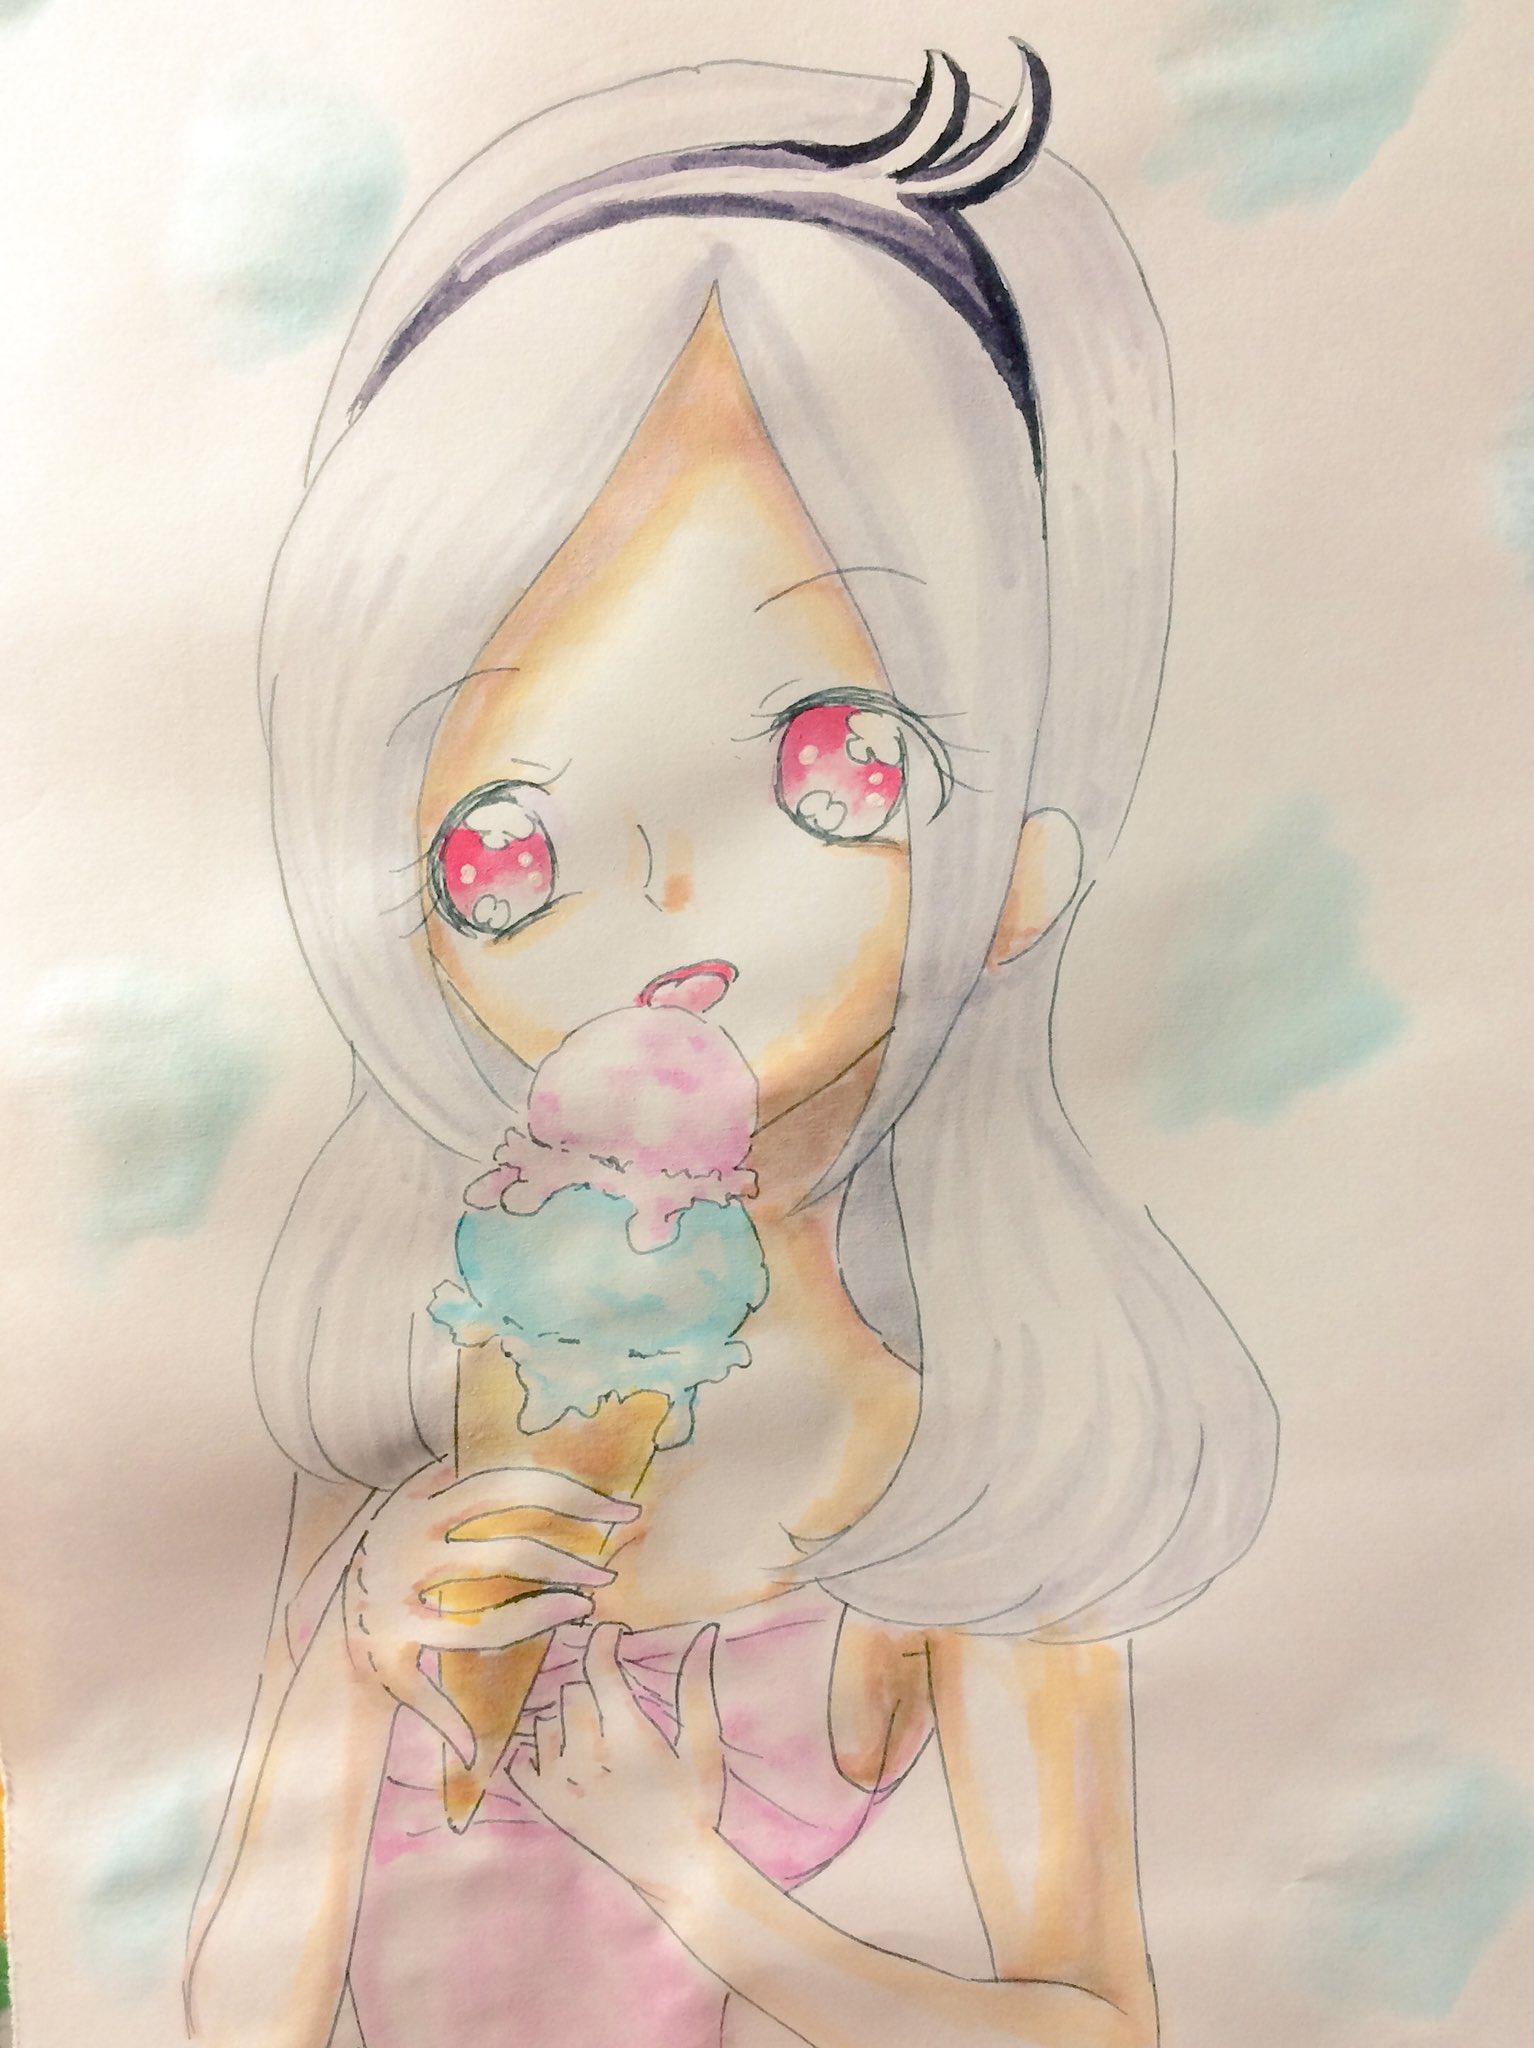 ゆきゆきめぇ🐏 @多忙でリプ遅れがち (@yukime0214)さんのイラスト